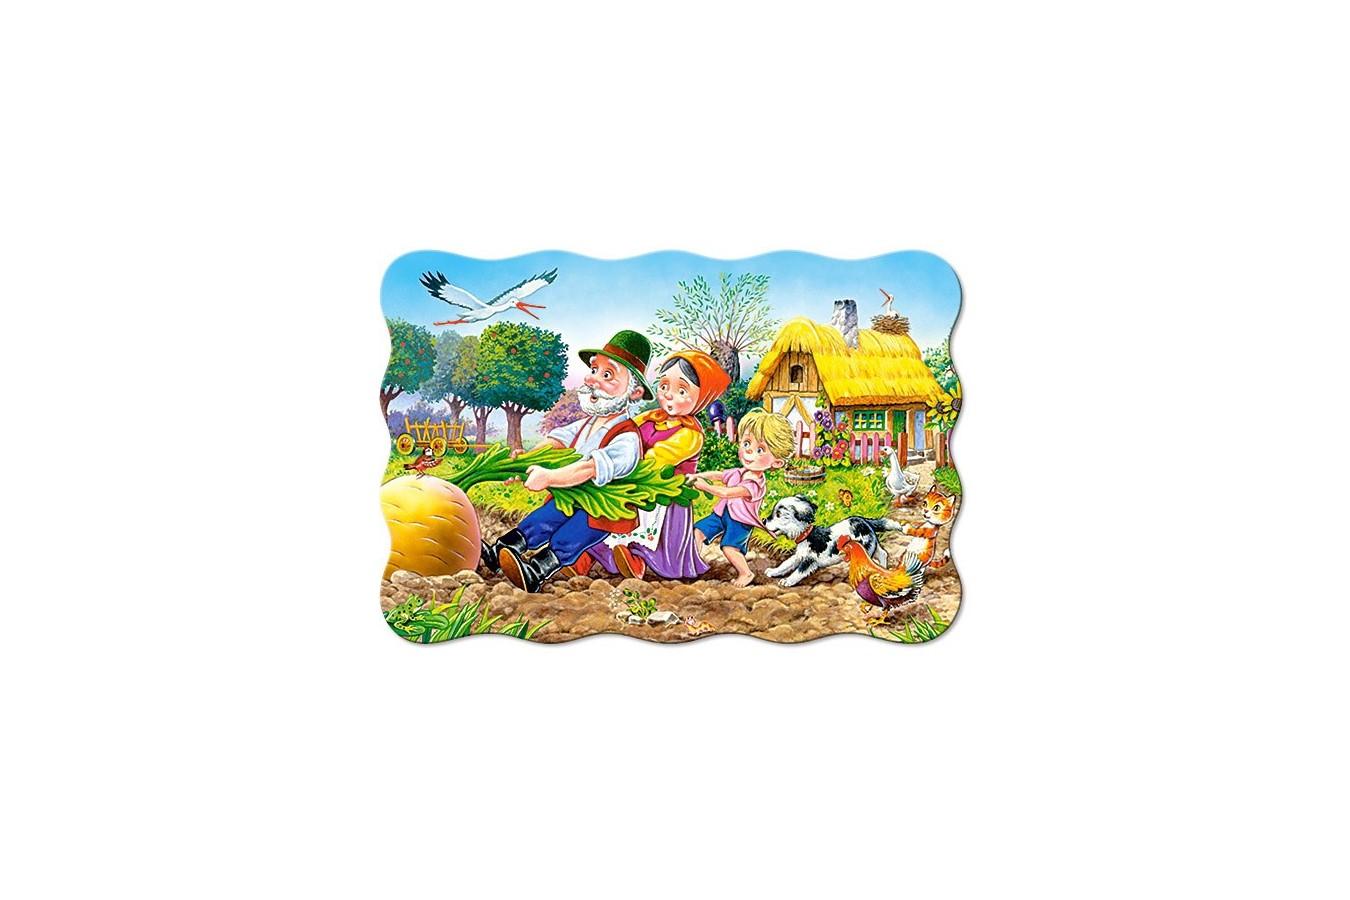 Puzzle Castorland Maxi - Big Turnip, 20 Piese imagine